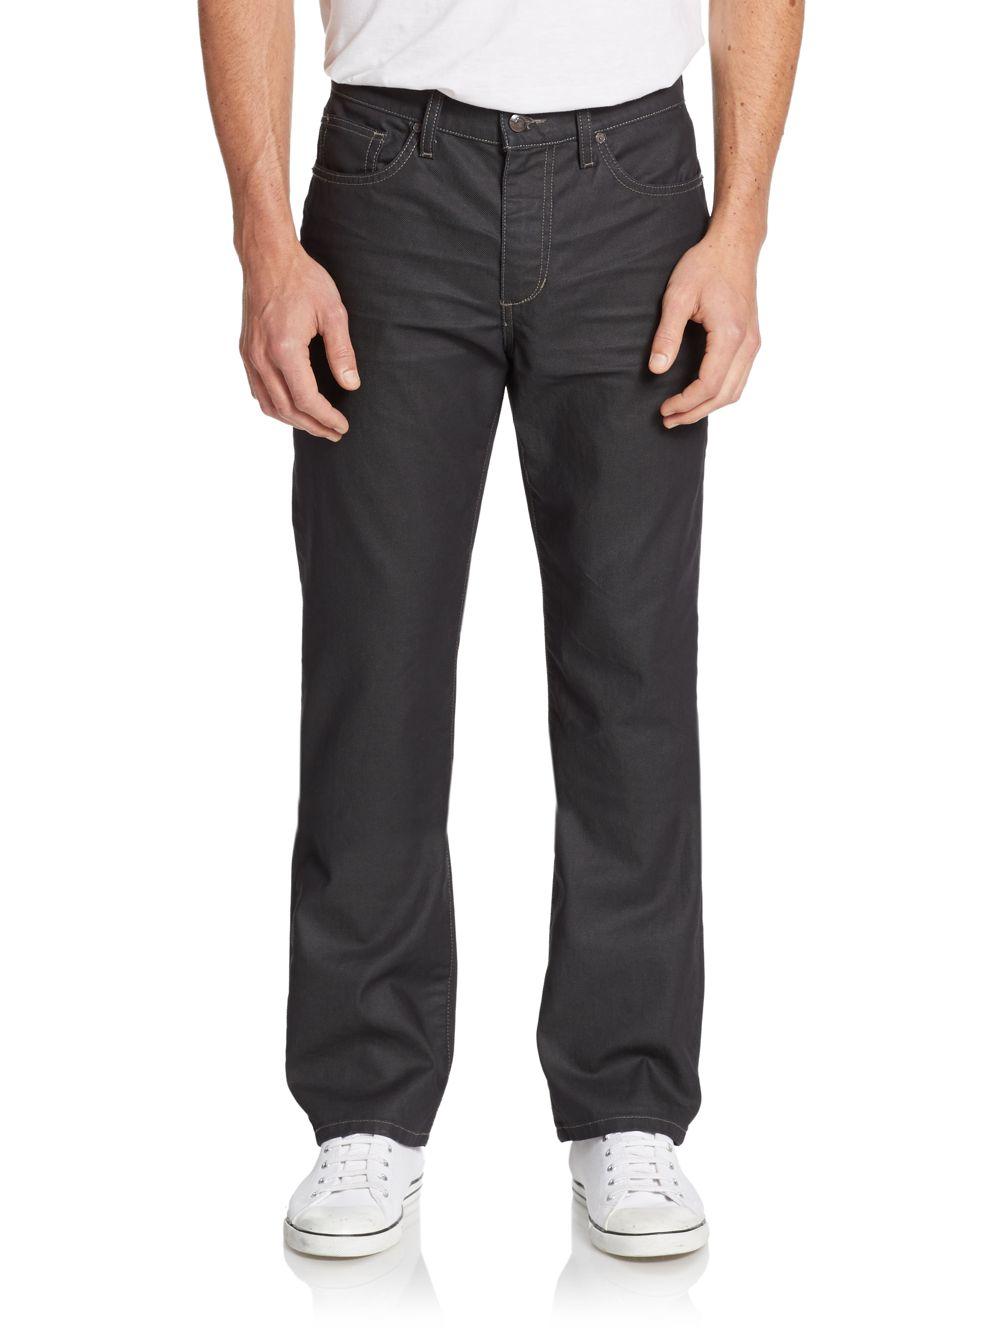 Joe Bush Vintage Jeans: Compare Prices, Reviews & Buy